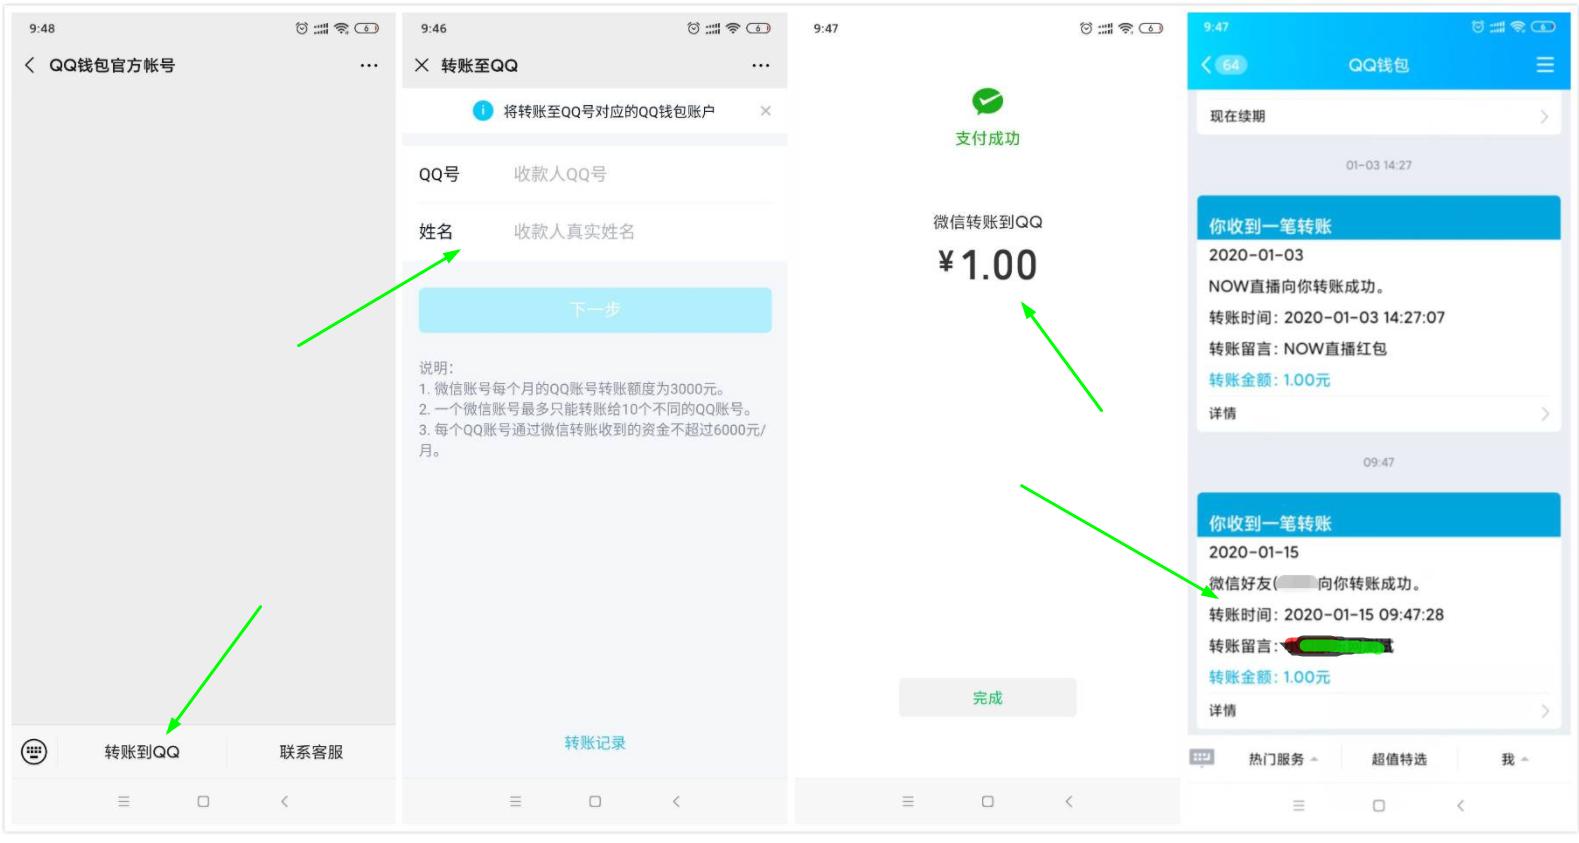 微信余额直接转账到QQ钱包 无需申请提现无手续费